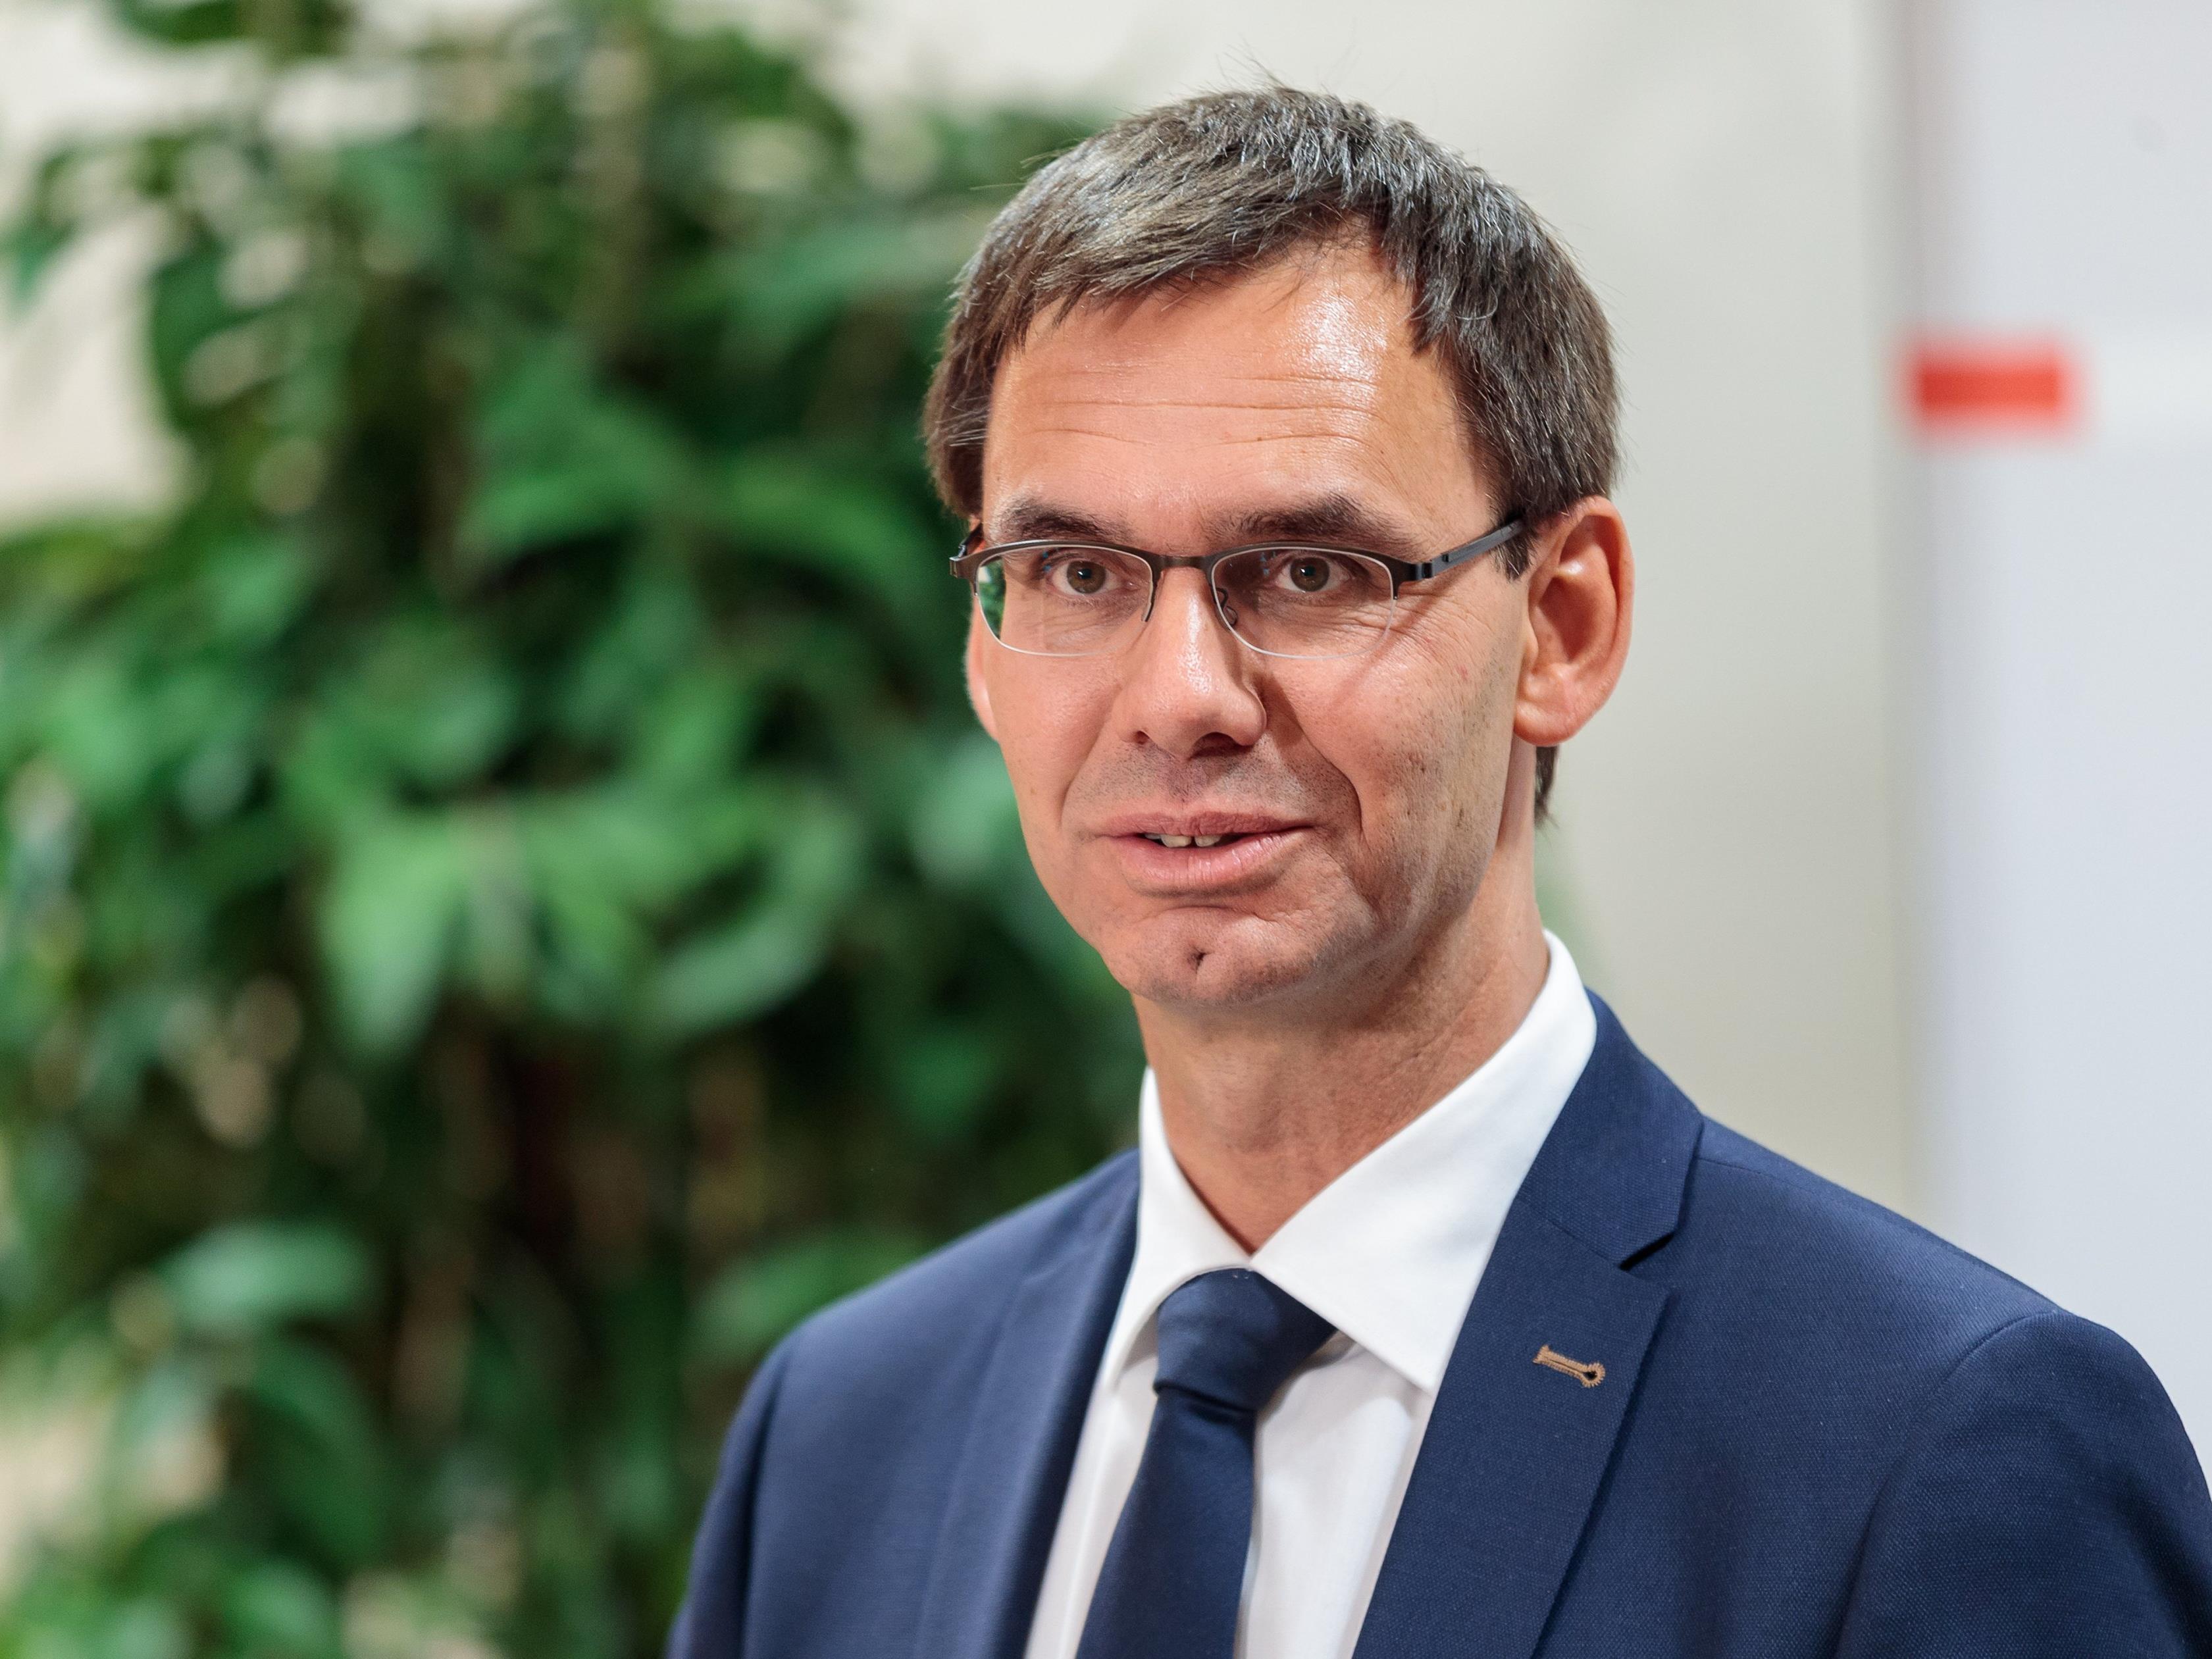 Der Vorarlberger Landeshauptmann Markus Wallner (ÖVP) hat am Dienstag an Bundeskanzler Christian Kern appelliert.